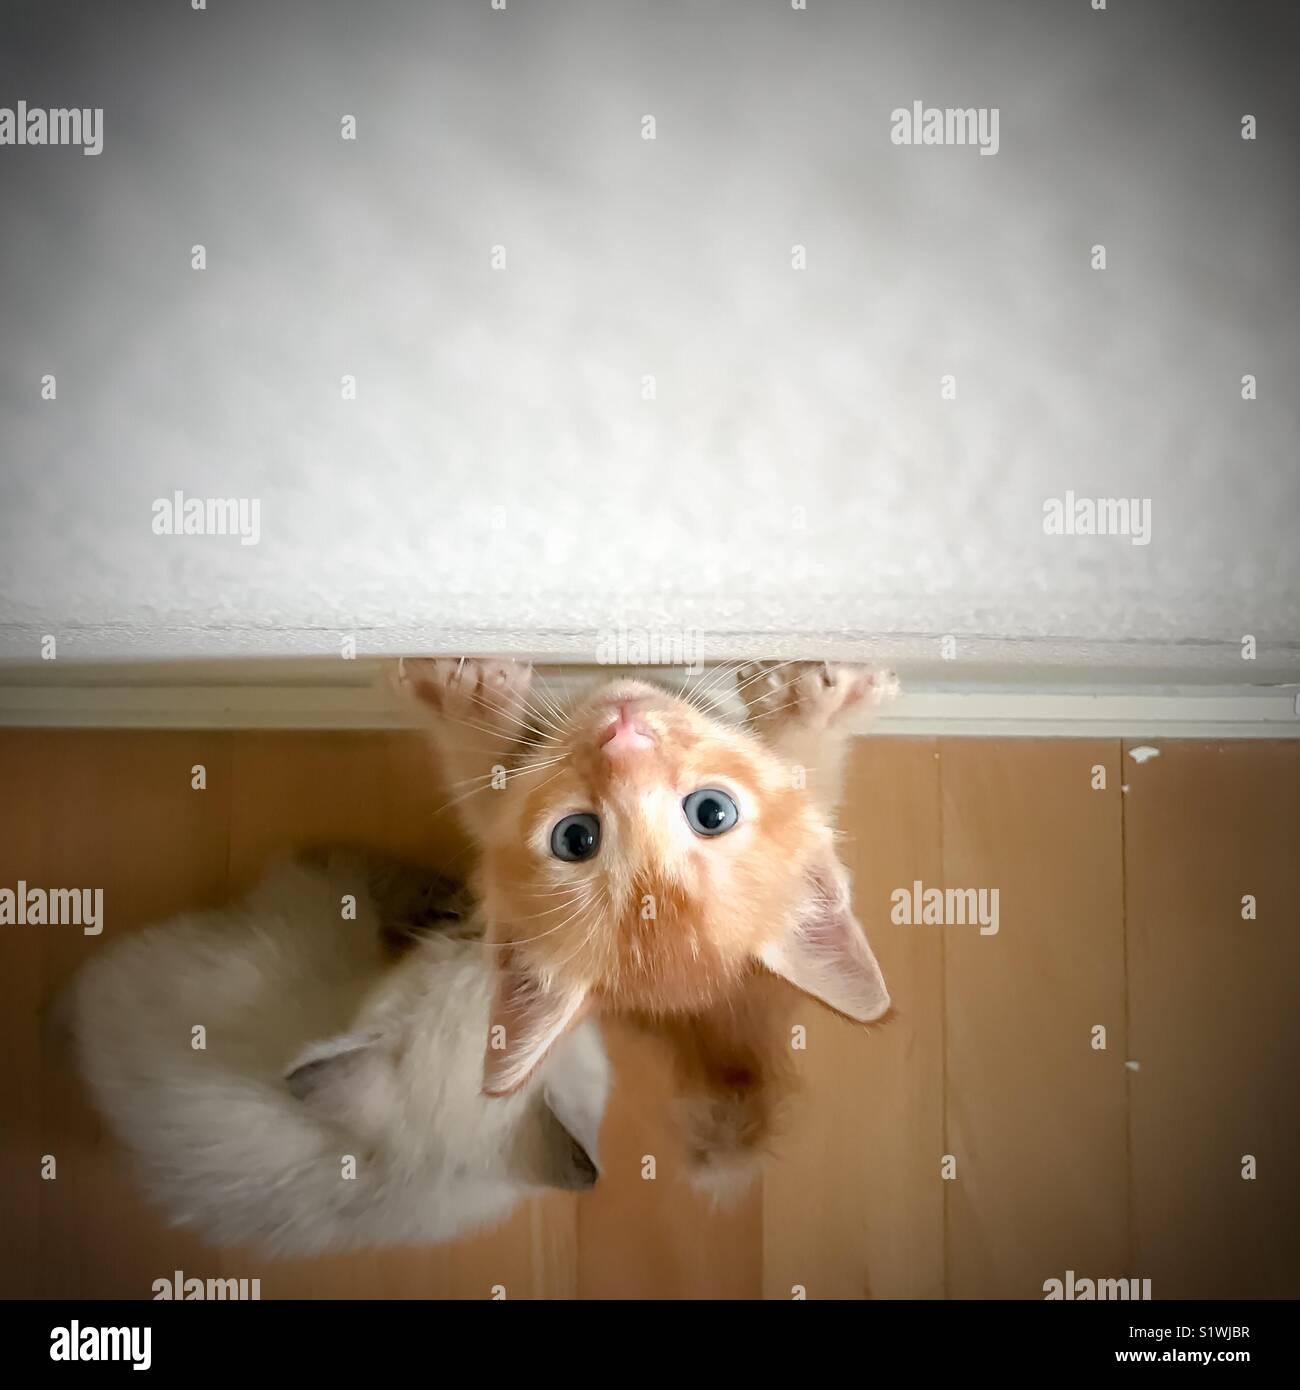 Kitten cercando di salire la parete in cerca di attenzione Immagini Stock